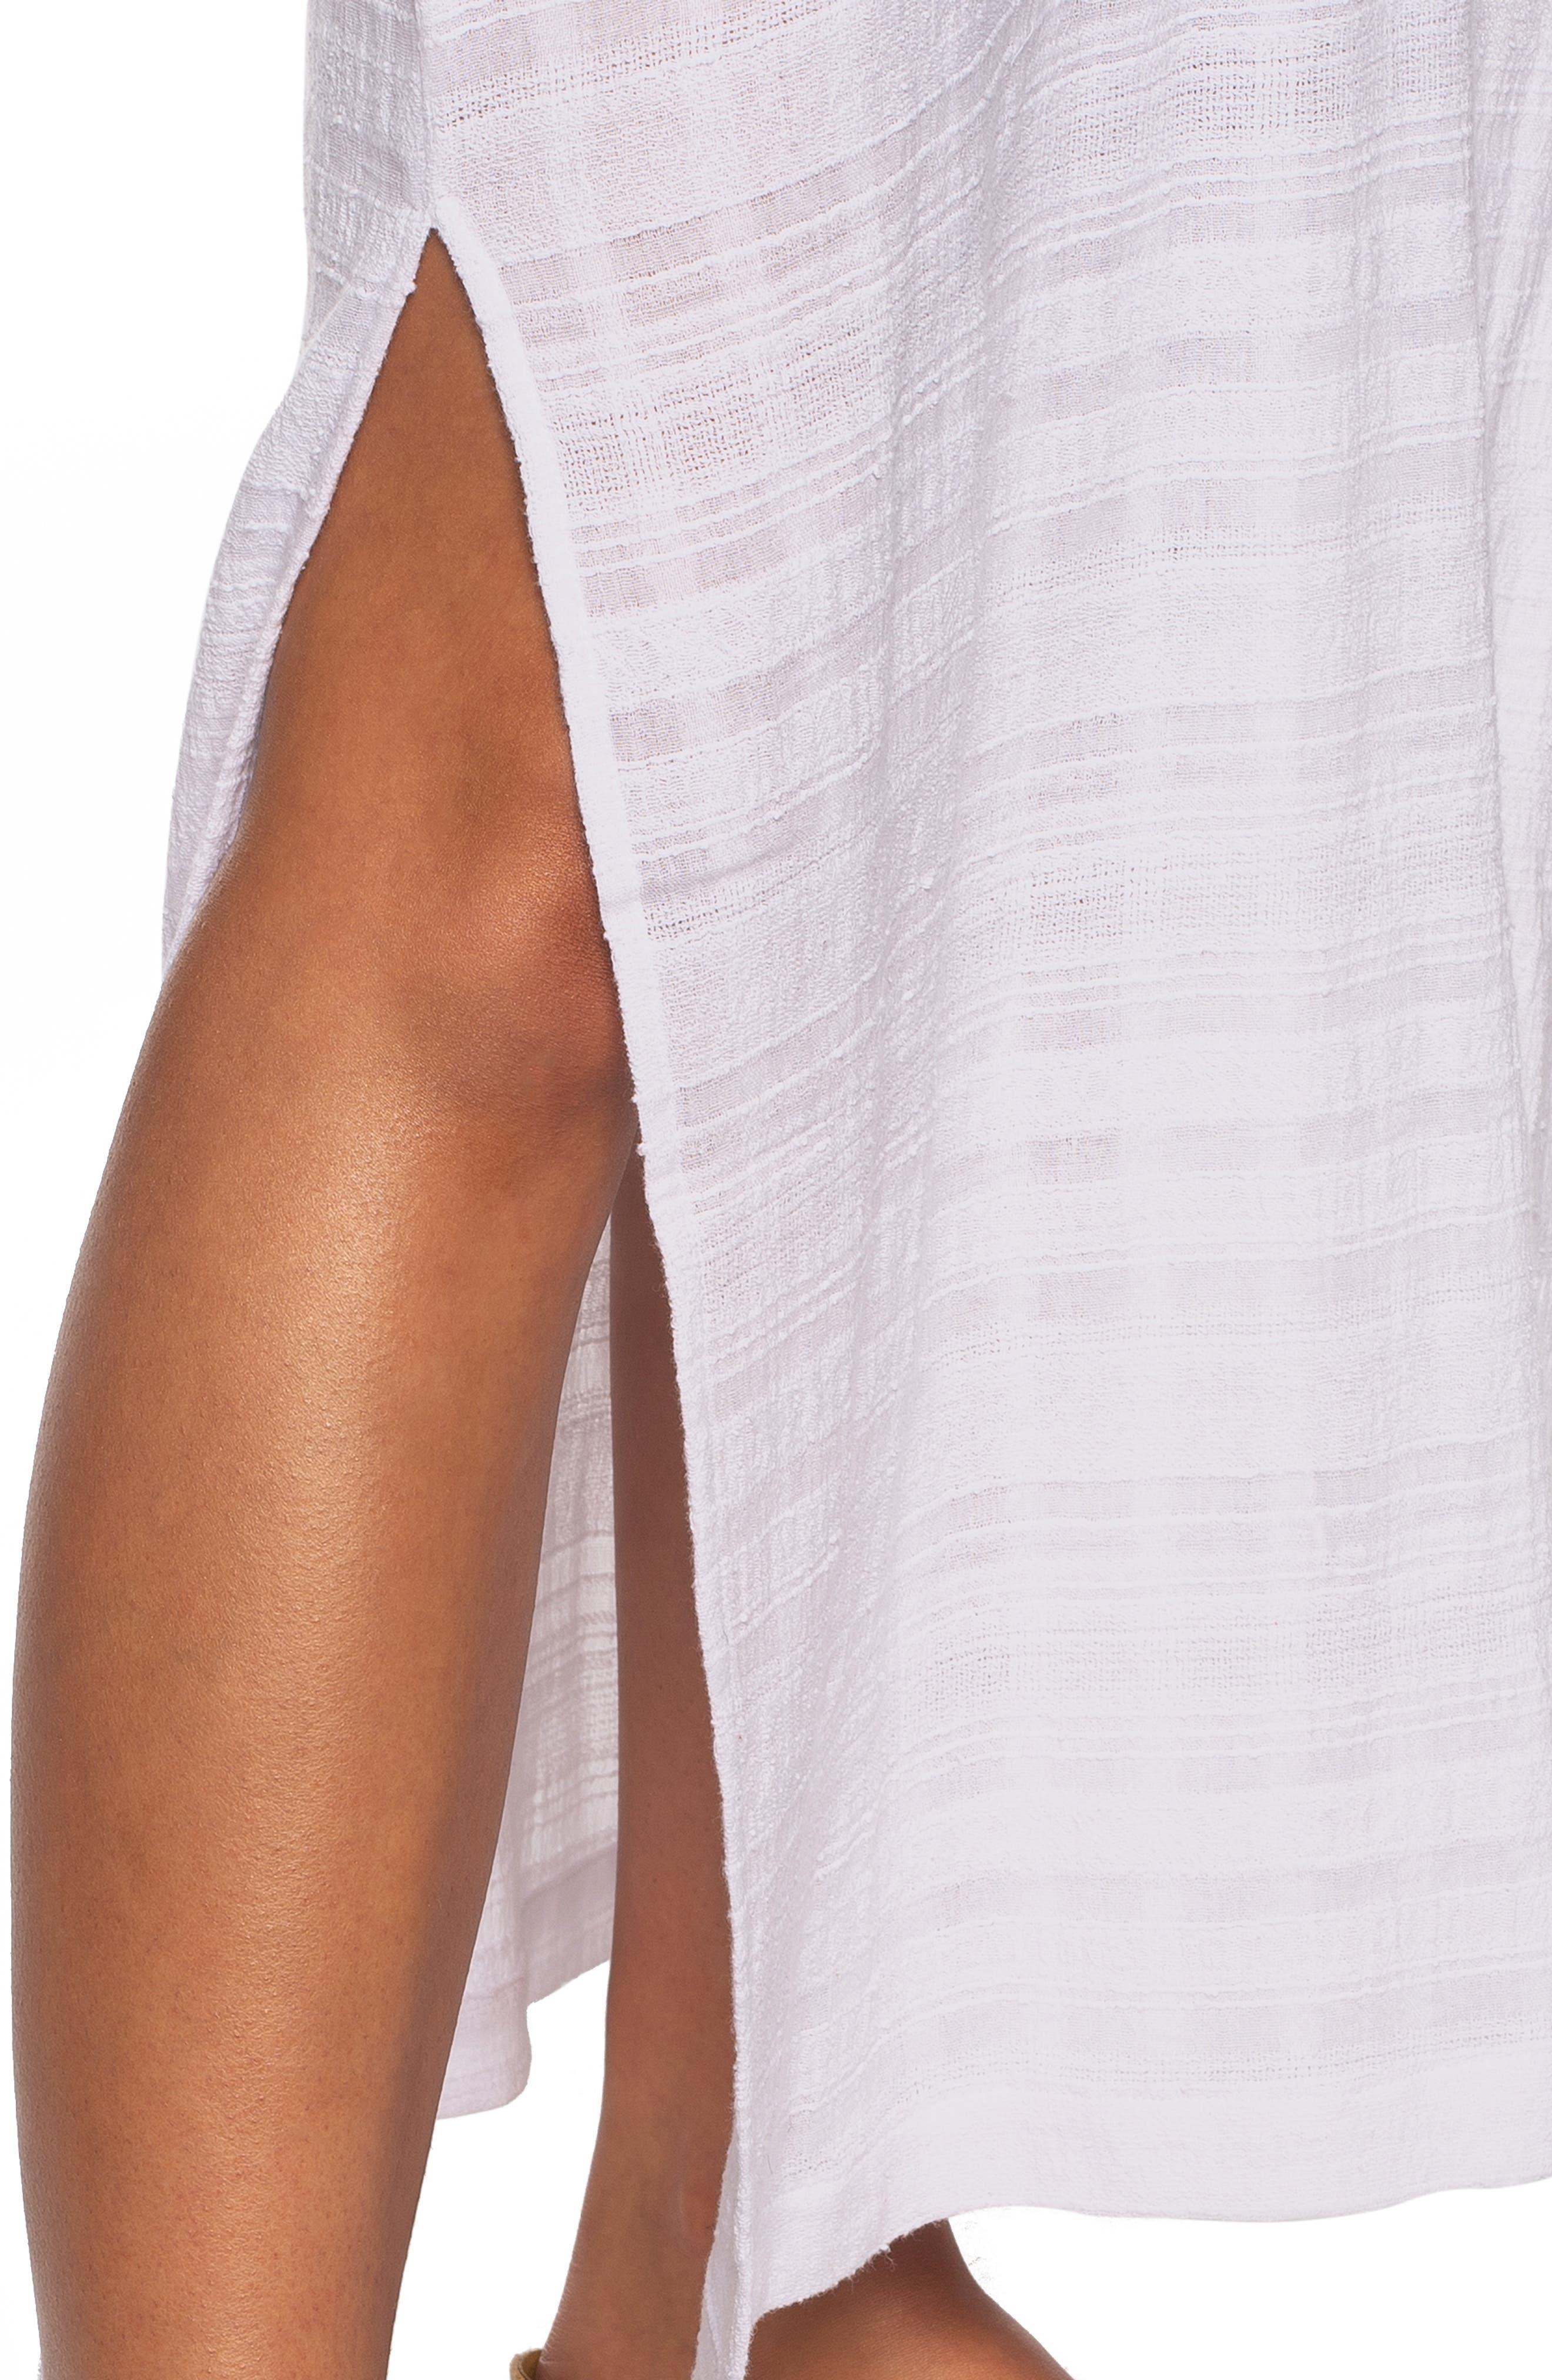 Tasha Cover-Up Maxi Dress,                             Alternate thumbnail 5, color,                             WHITE